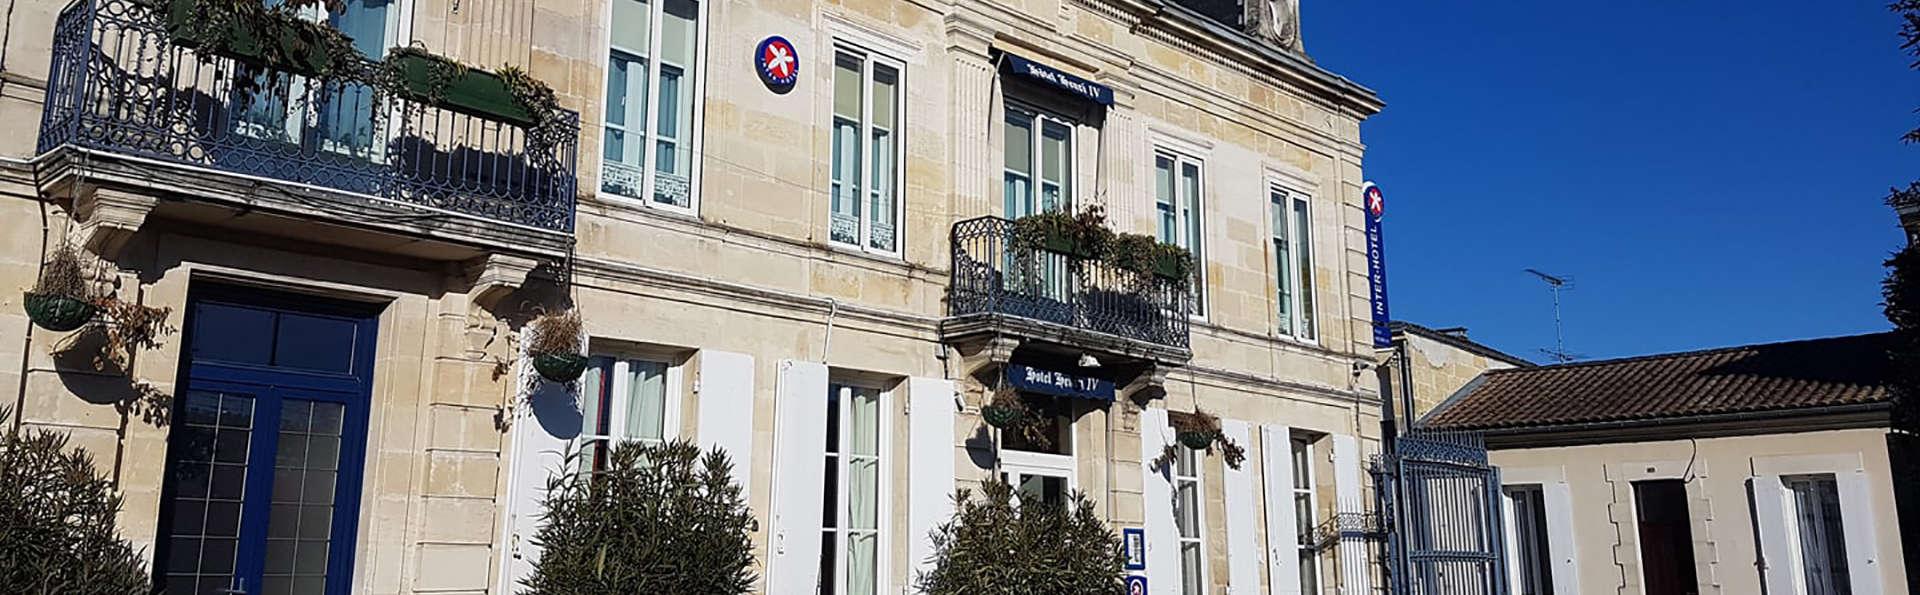 Hotel The Originals Libourne Nord Henri IV (ex Inter-Hotel) - Edit_Front2.jpg